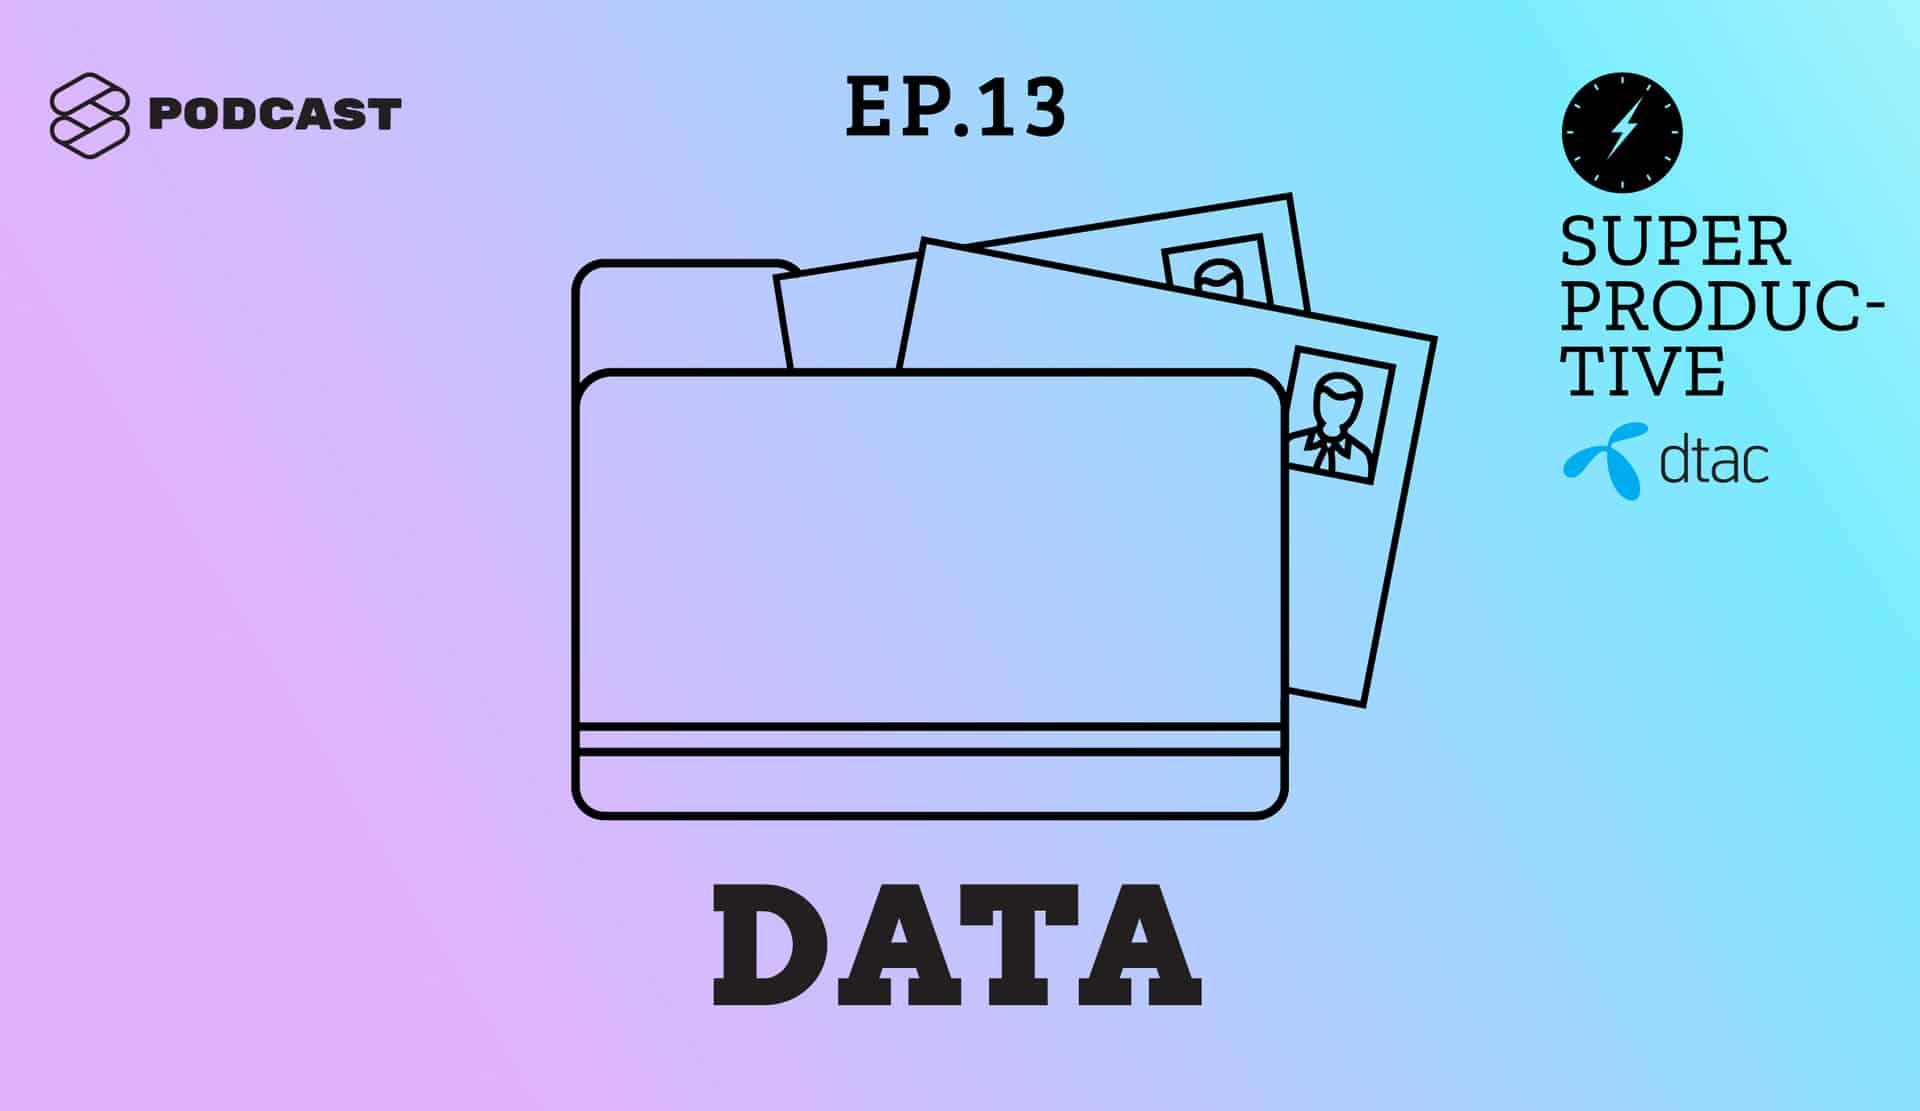 SUPERPRODUCTIVE PODCAST EP.13 : คนทำงานยุคใหม่ต้องรู้เรื่อง Data เก็บทำไม เก็บอย่างไร เก็บแล้วได้อะไร